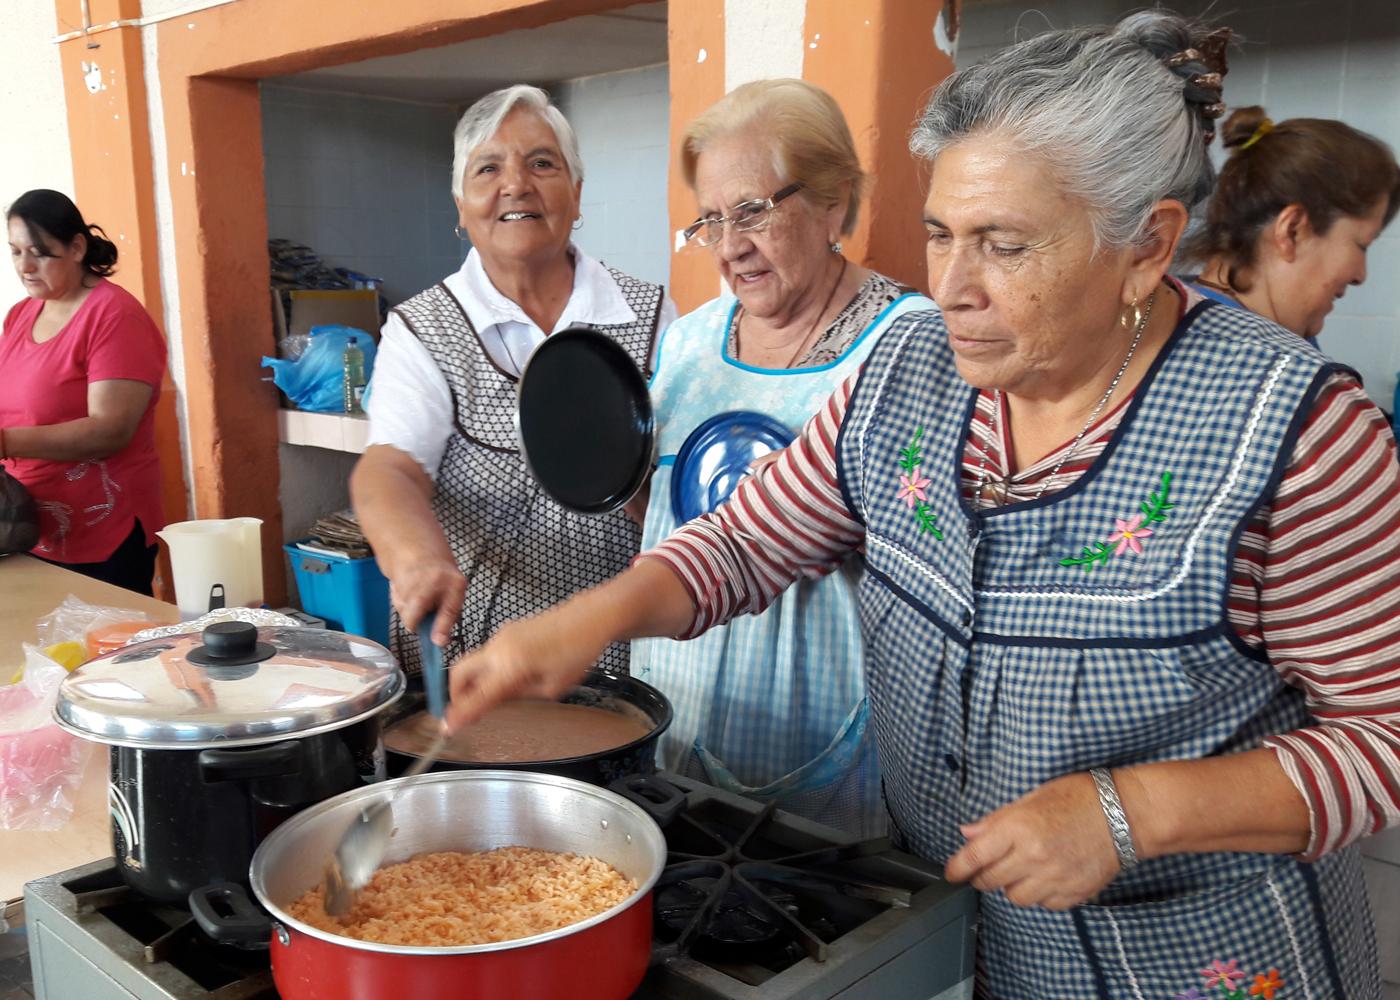 Habilitan comedor comunitario en parroquia de san nicol s for Proyecto comedor comunitario pdf